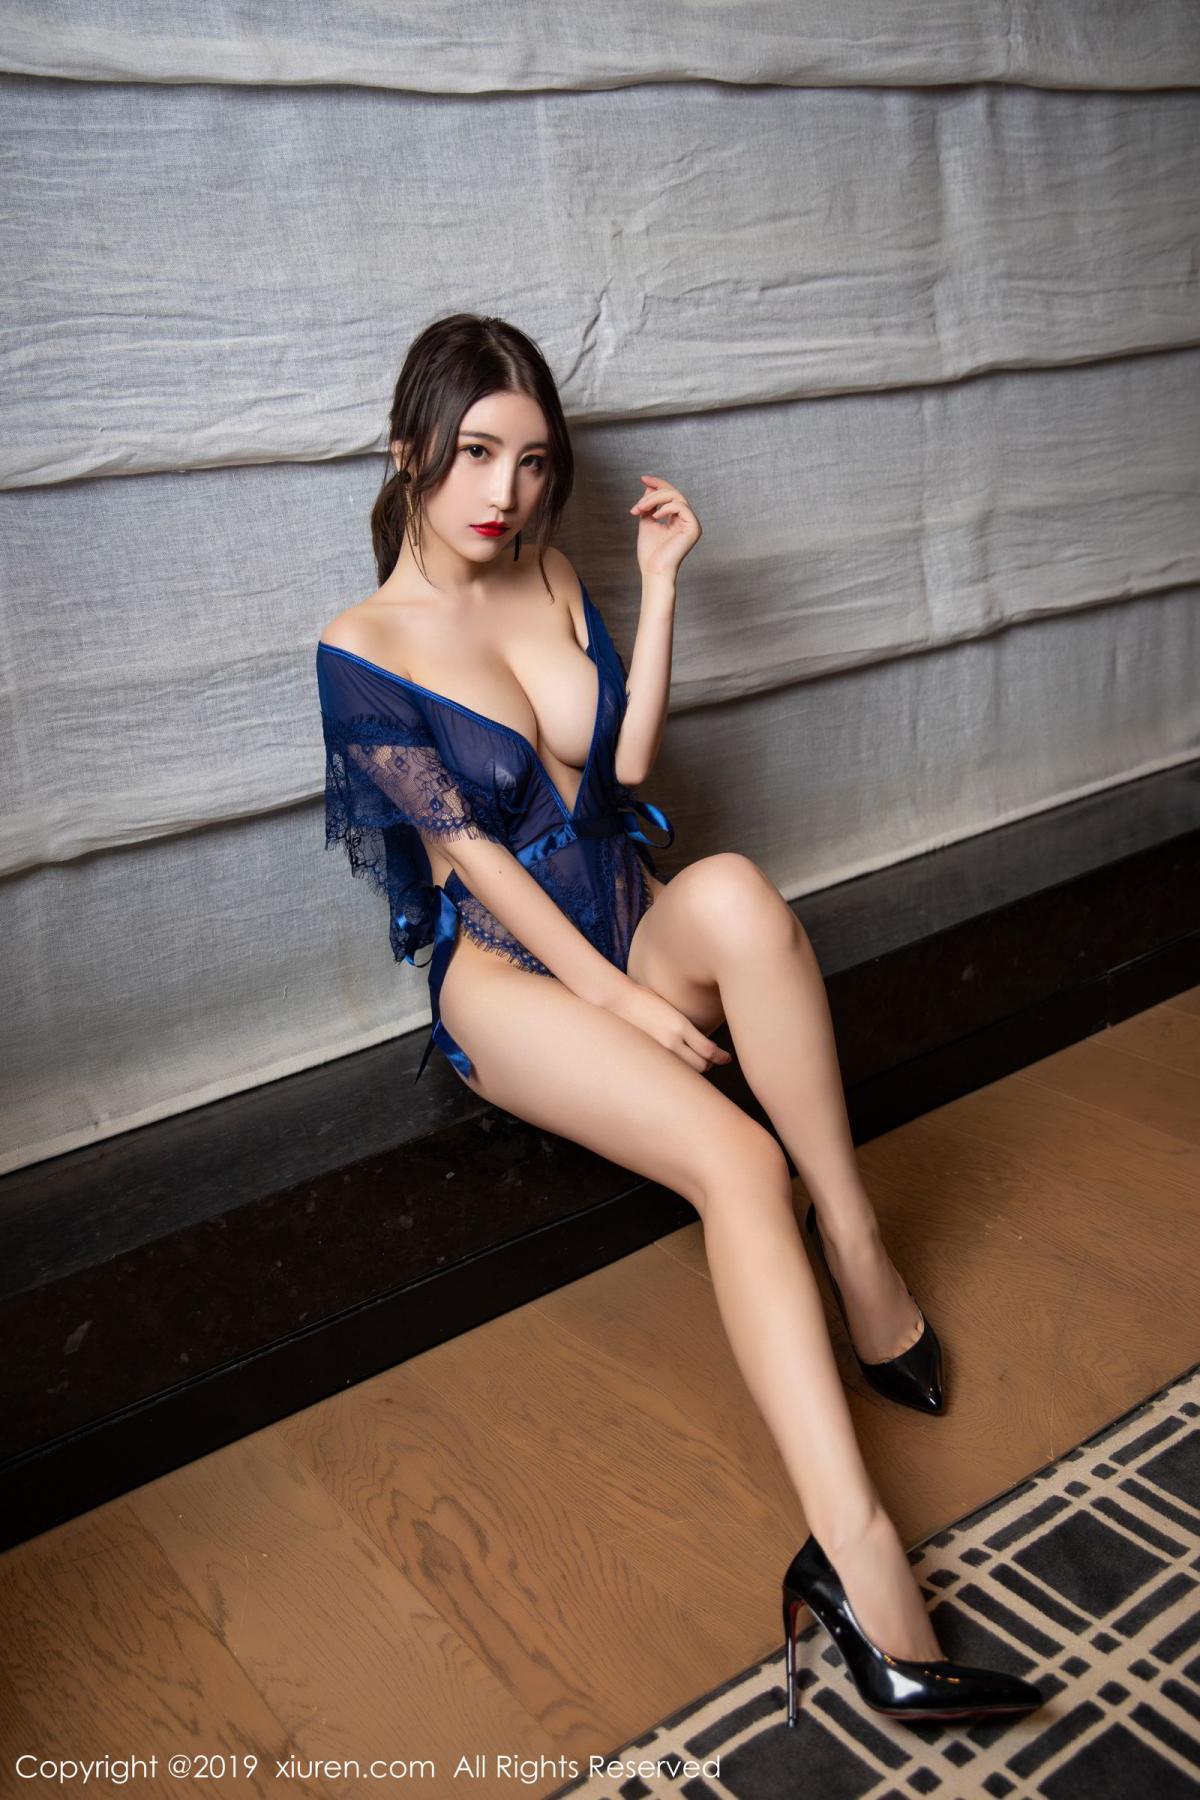 [XiuRen] Vol.1589 Xie Zhi Xin 49P, Sexy, Underwear, Xie Zhi Xin, Xiuren